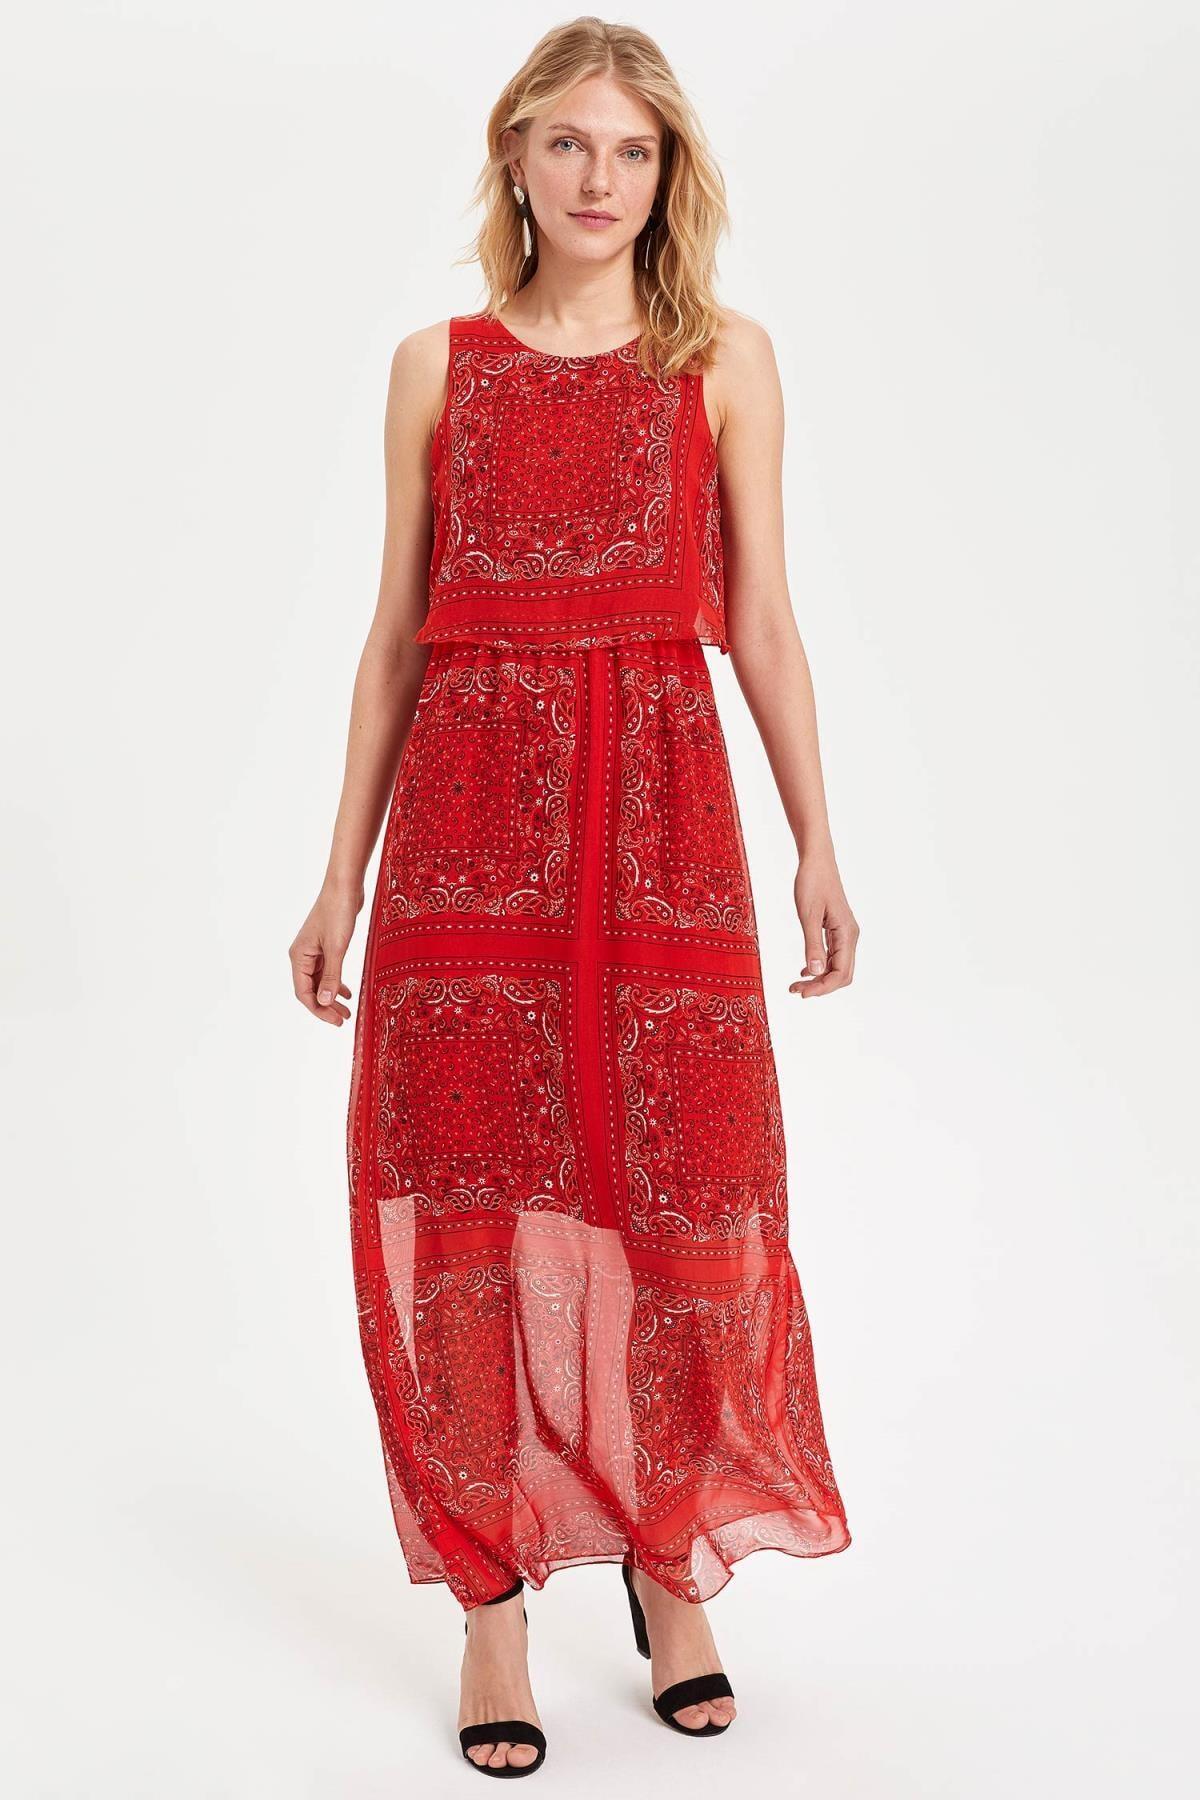 DeFacto Kadın Kırmızı Desenli Elbise H3424AZ.19SM.RD285 1